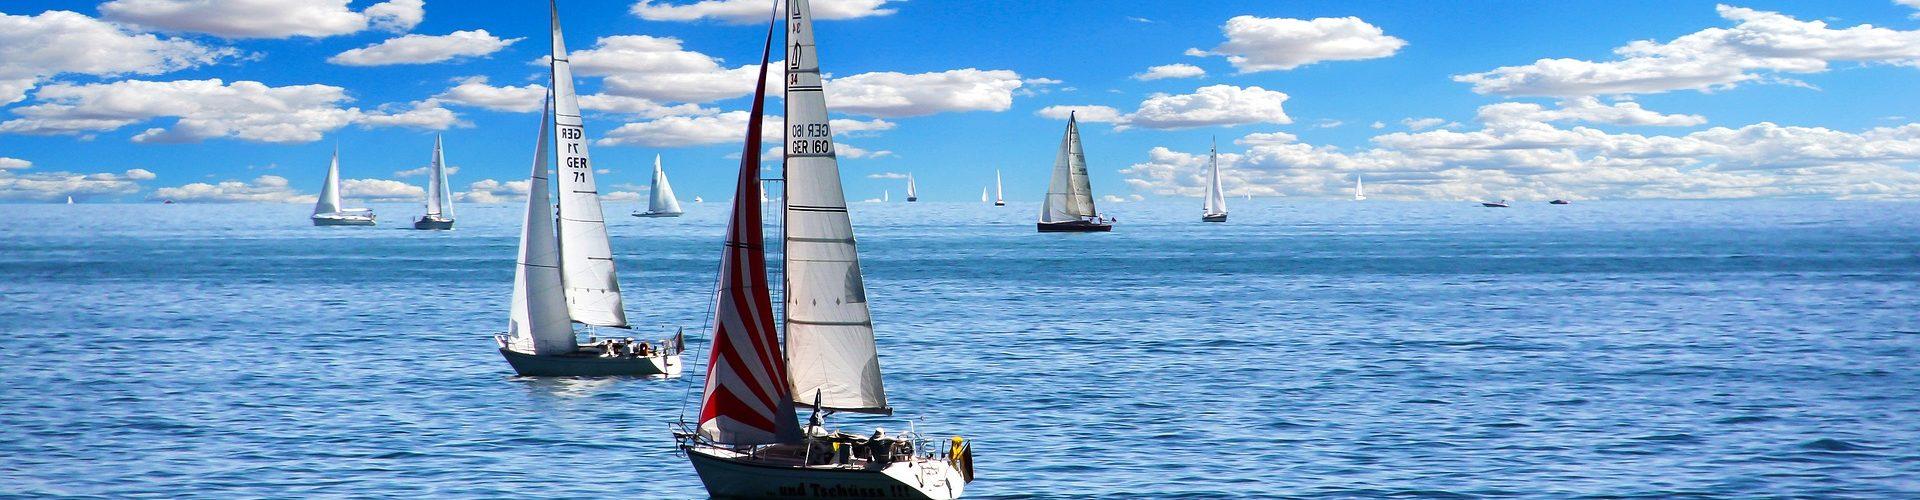 segeln lernen in Laatzen segelschein machen in Laatzen 1920x500 - Segeln lernen in Laatzen